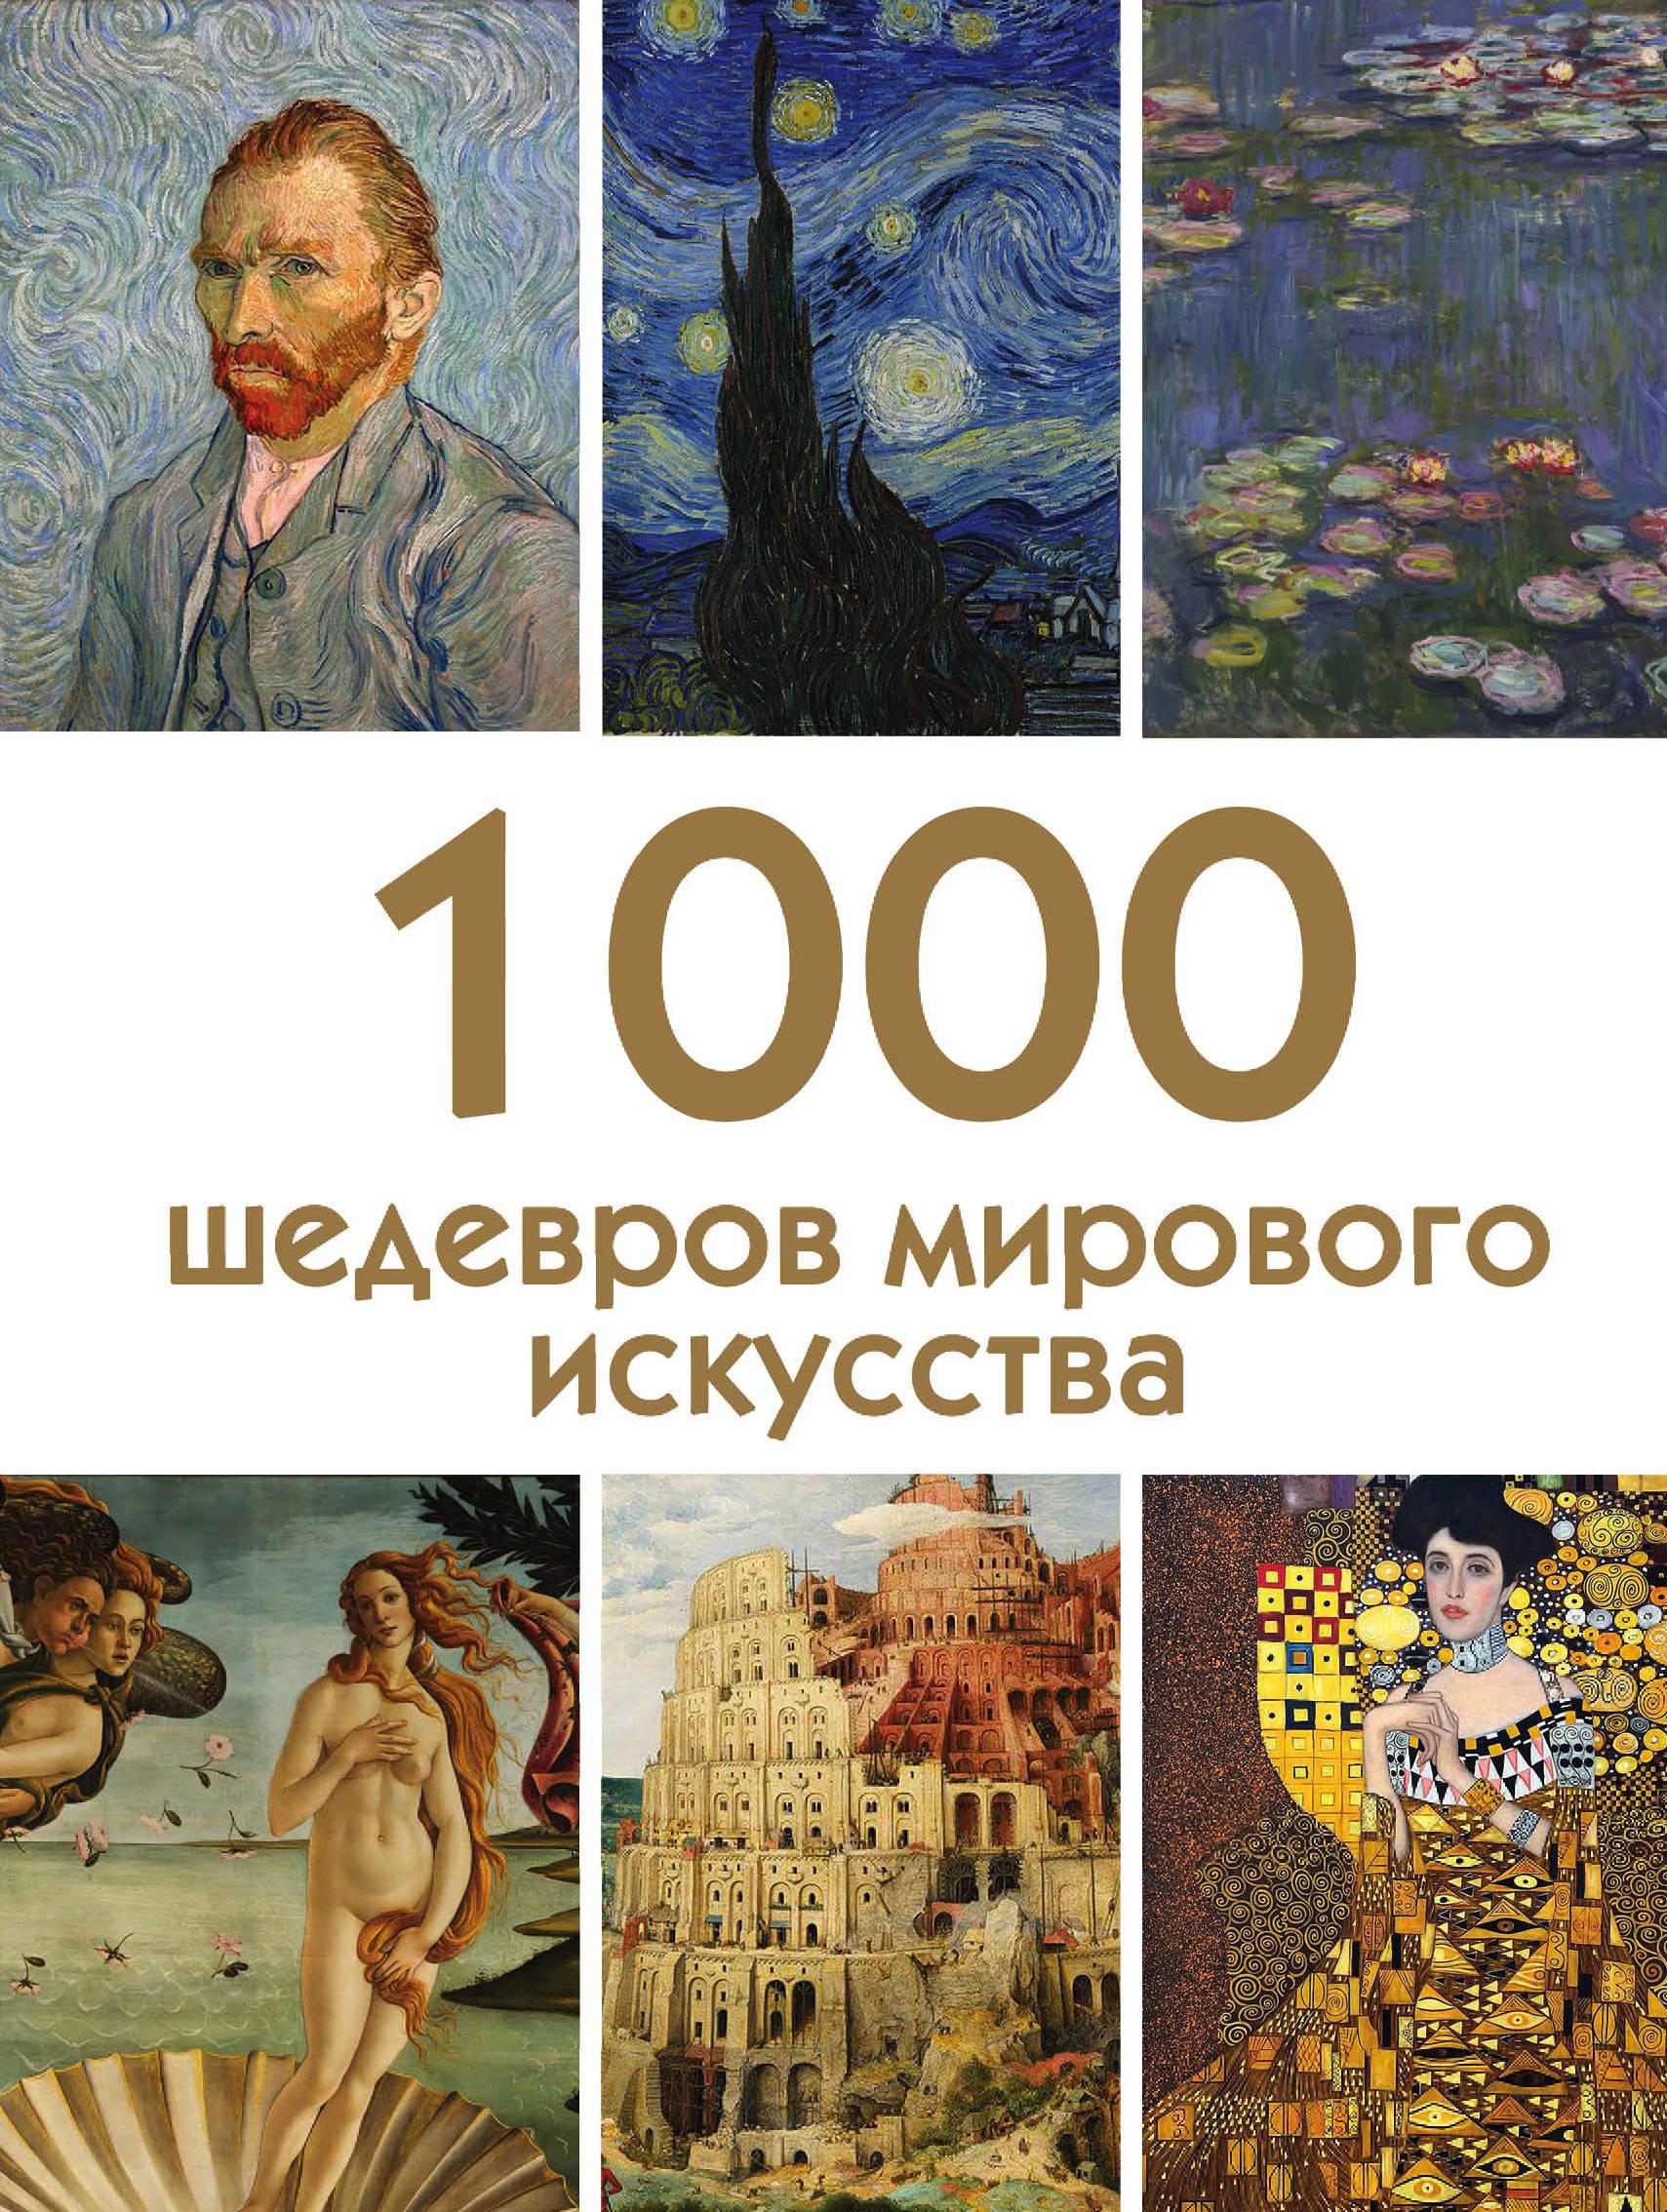 Валерия Черепенчук 1000 шедевров мирового искусства